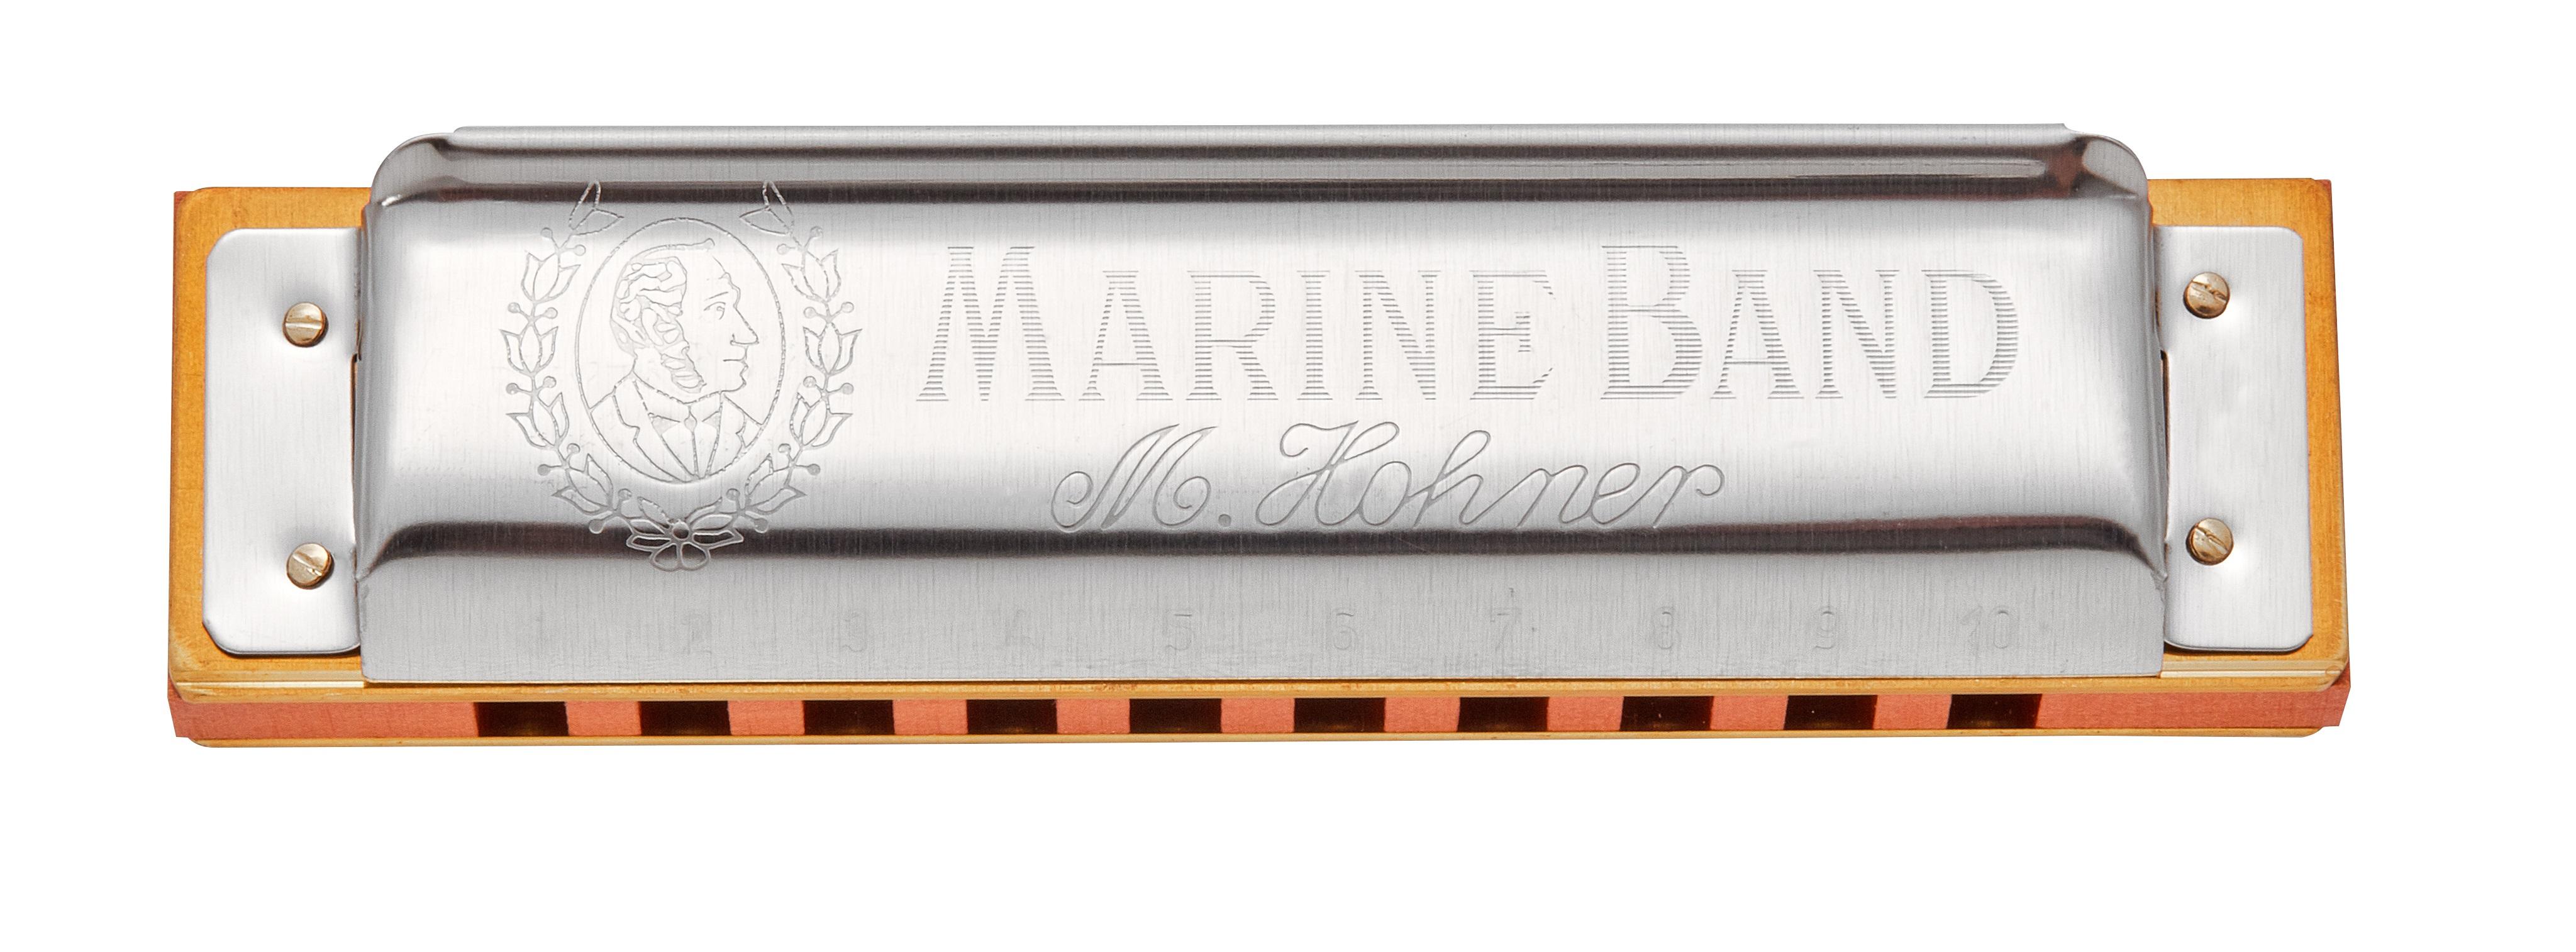 Hohner Marine Band 1896 D-harmonic minor